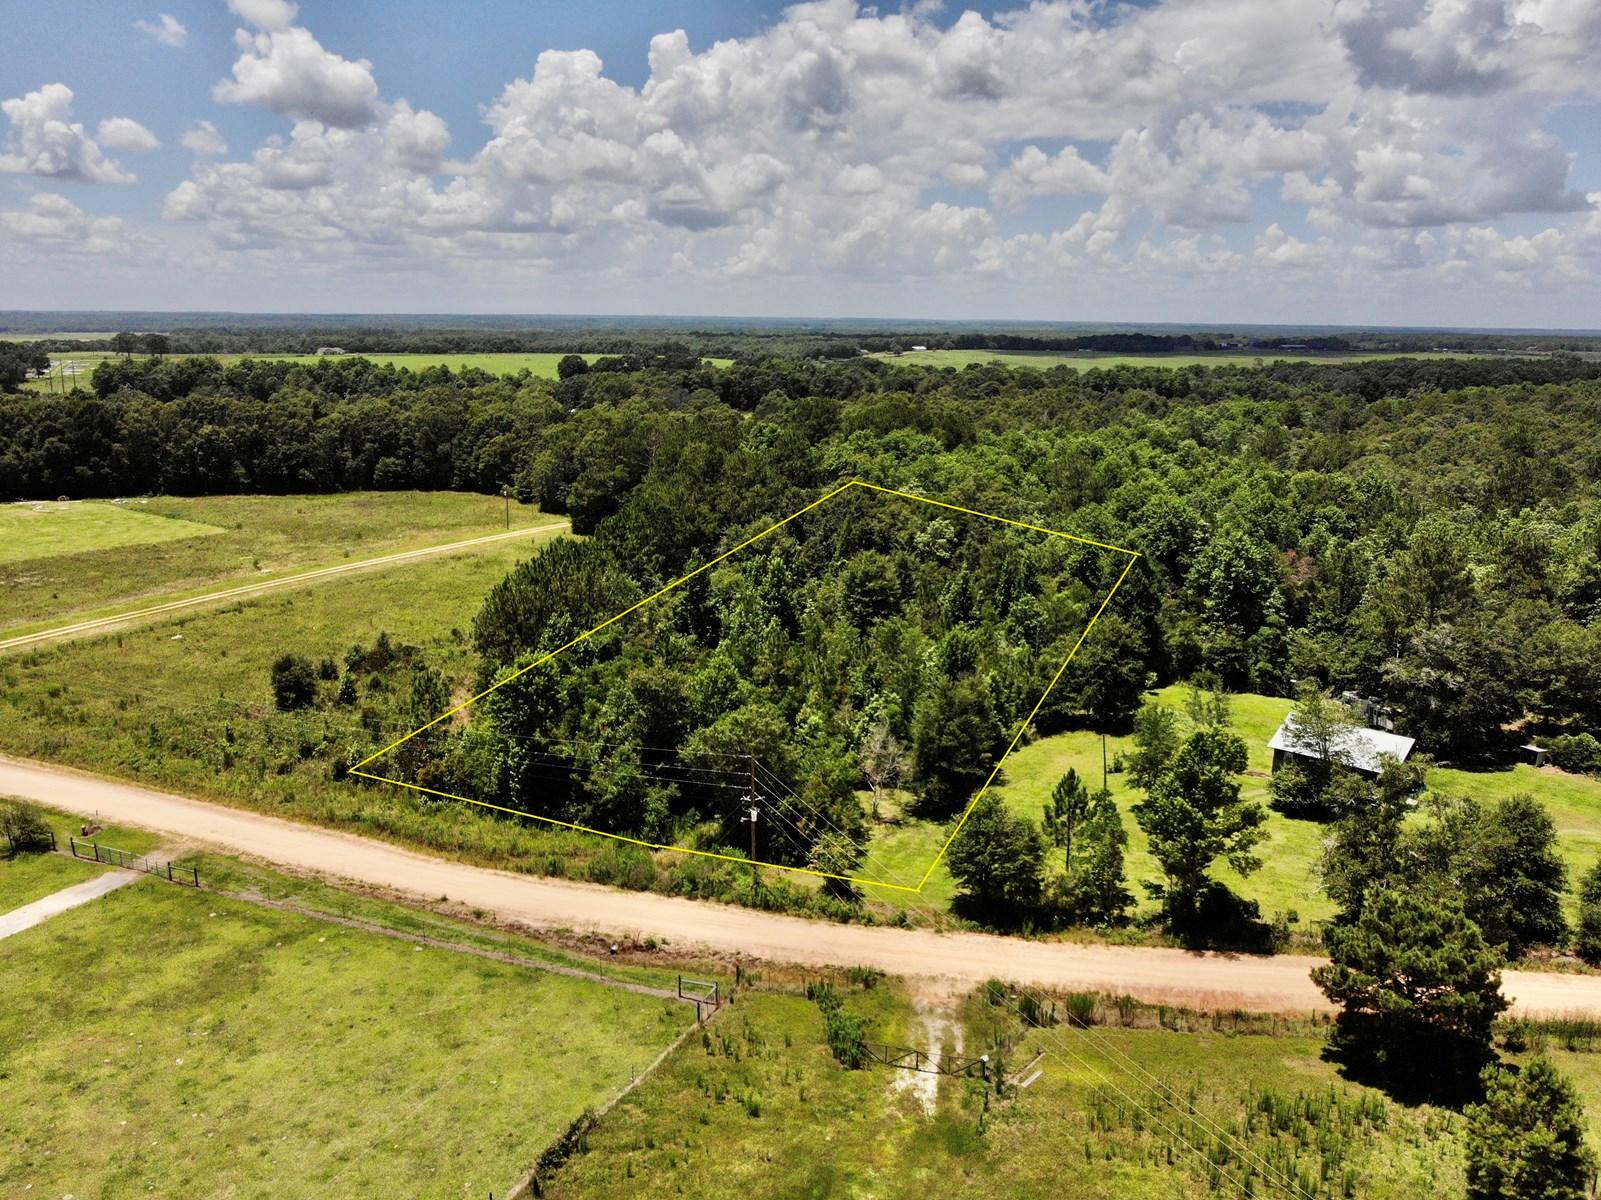 Land for sale Samson, AL